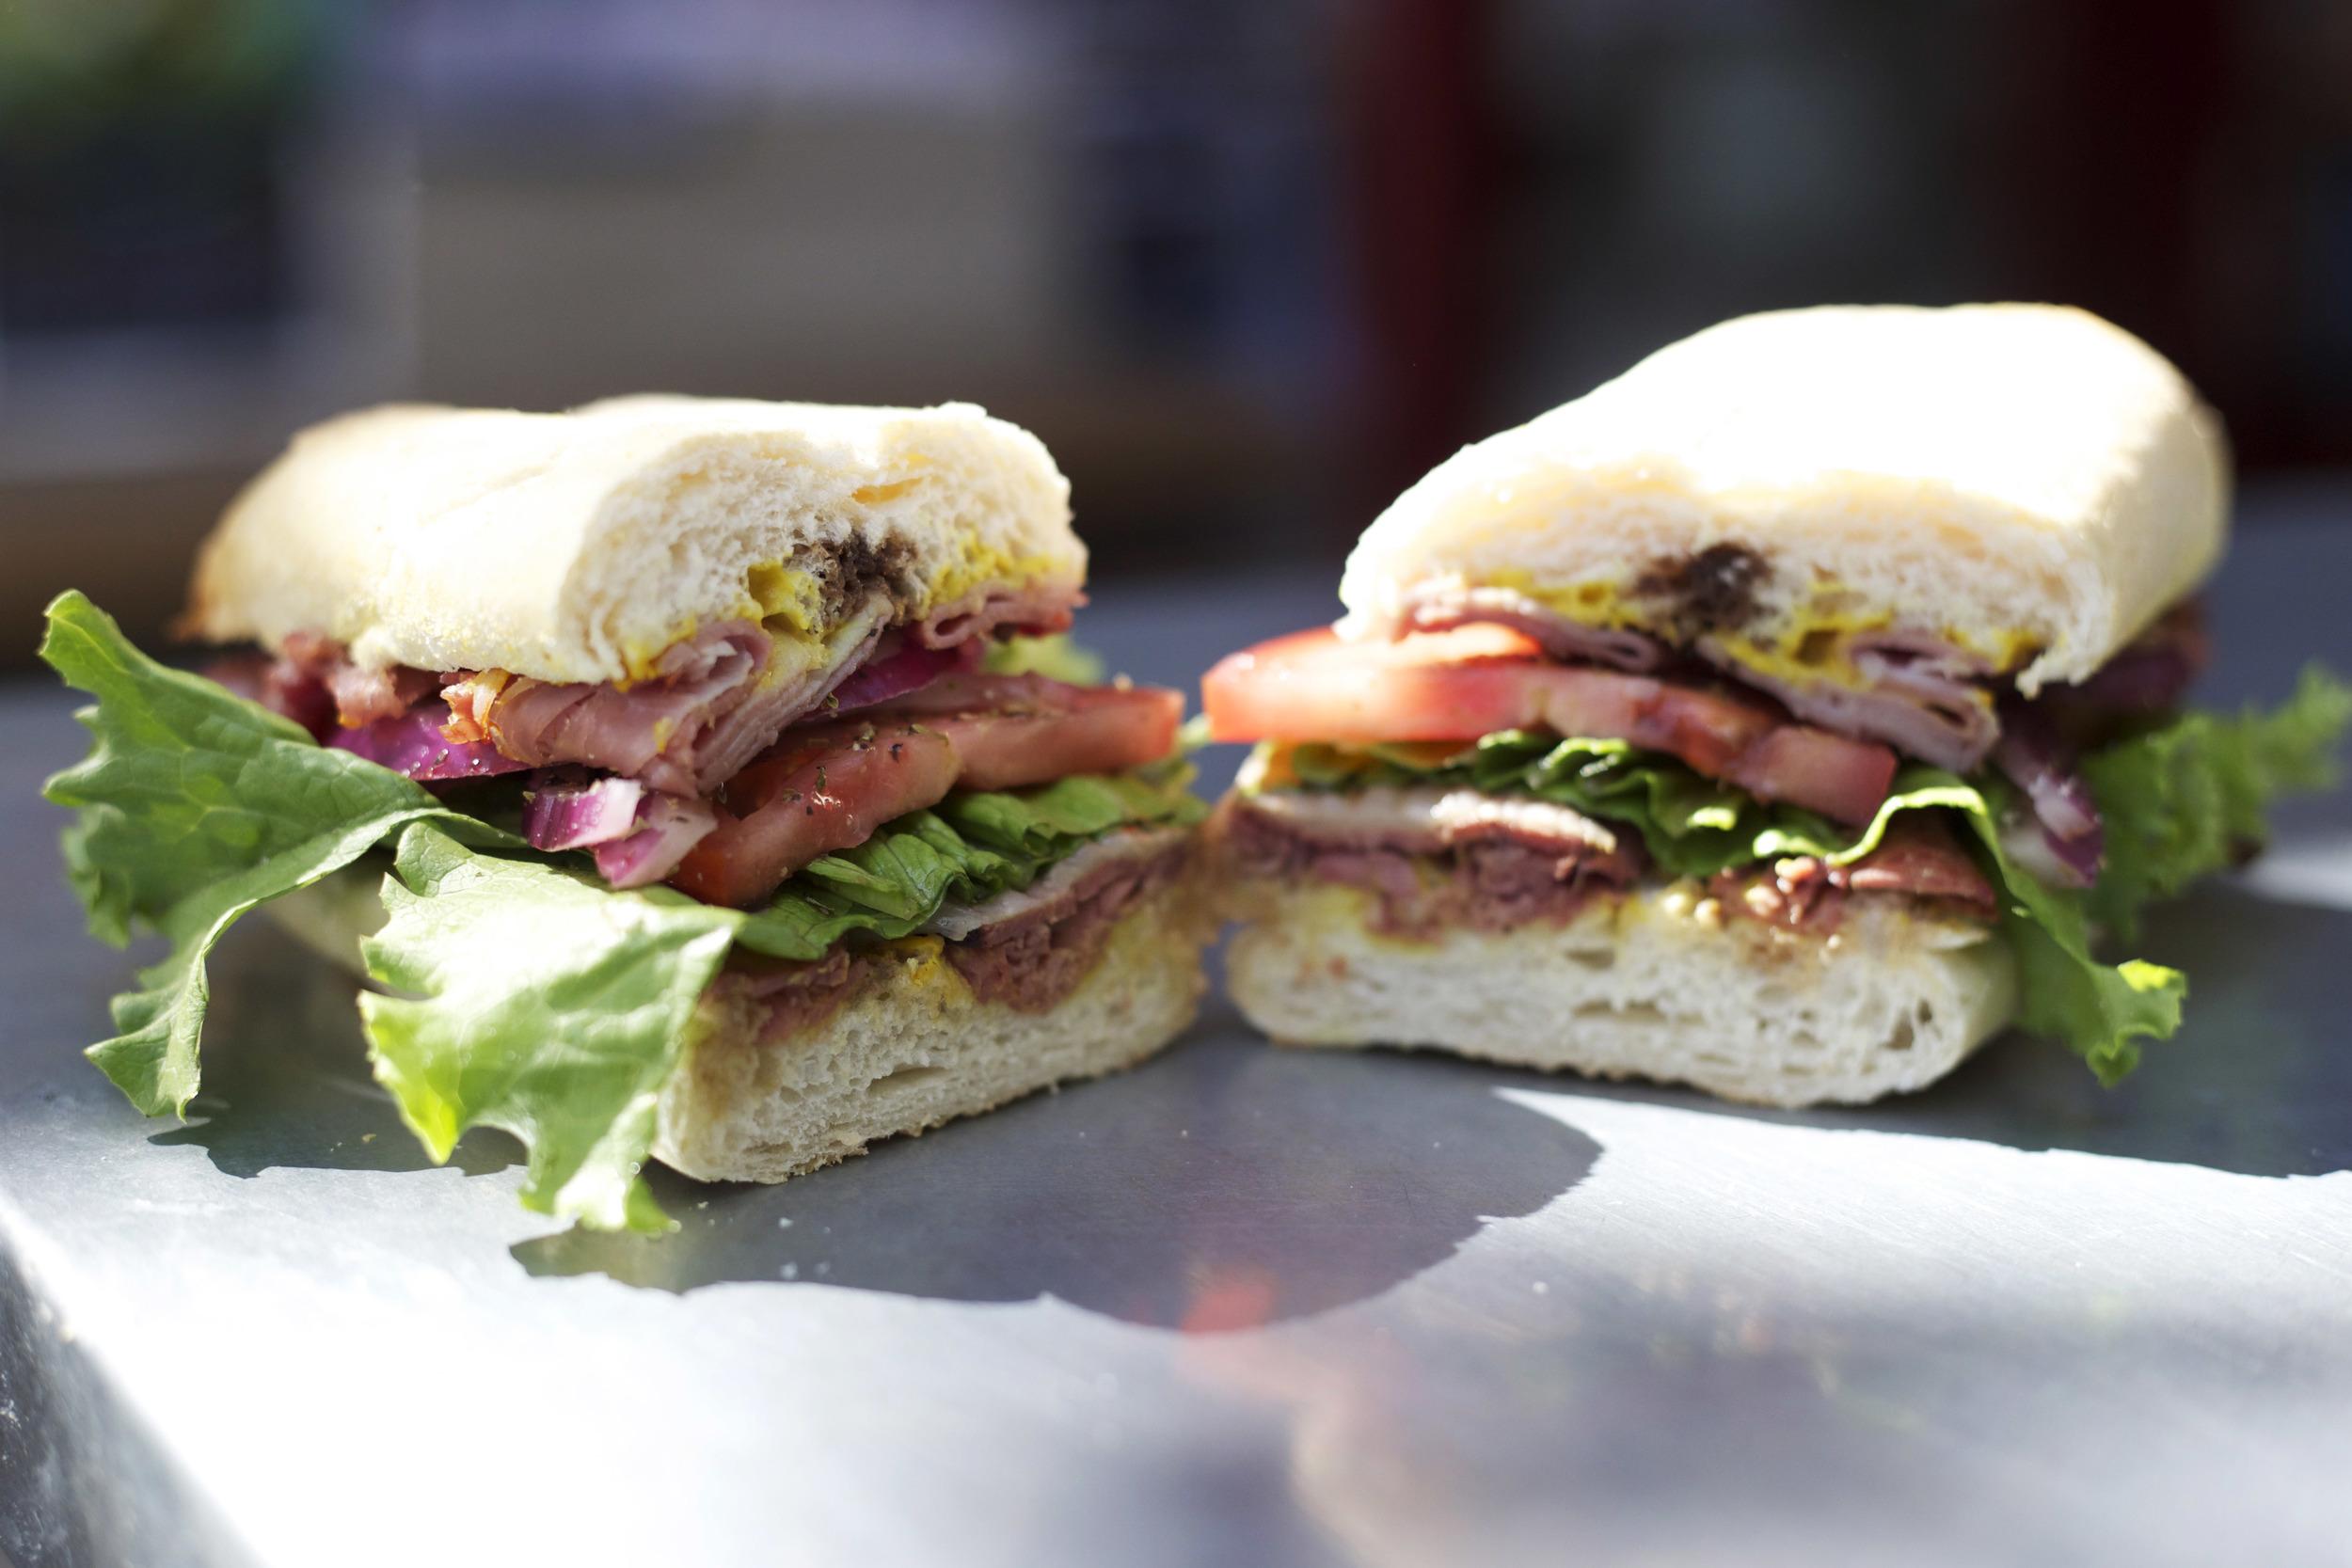 ham • pastrami • salami • provolone • mustard • lettuce tomato • onions • oil & vinegar • salt & pepper • oregano